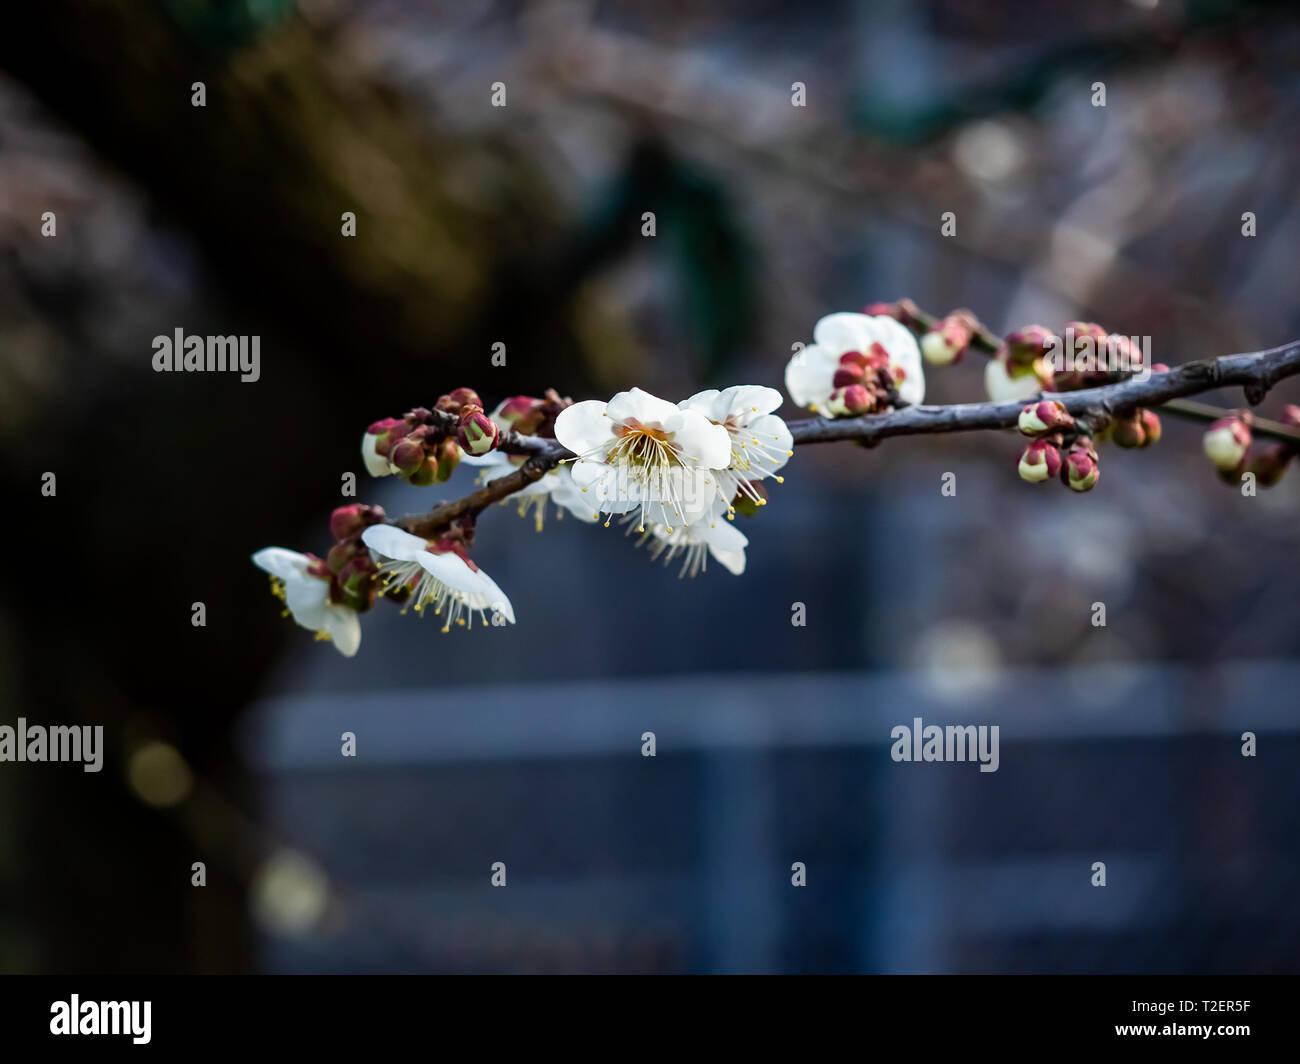 Pflaume Blüten öffnen auf einem japanischen Pflaumenbaum Ende Februar. Diese schöne kleine Blumen Signal den kommenden Frühling. Stockbild